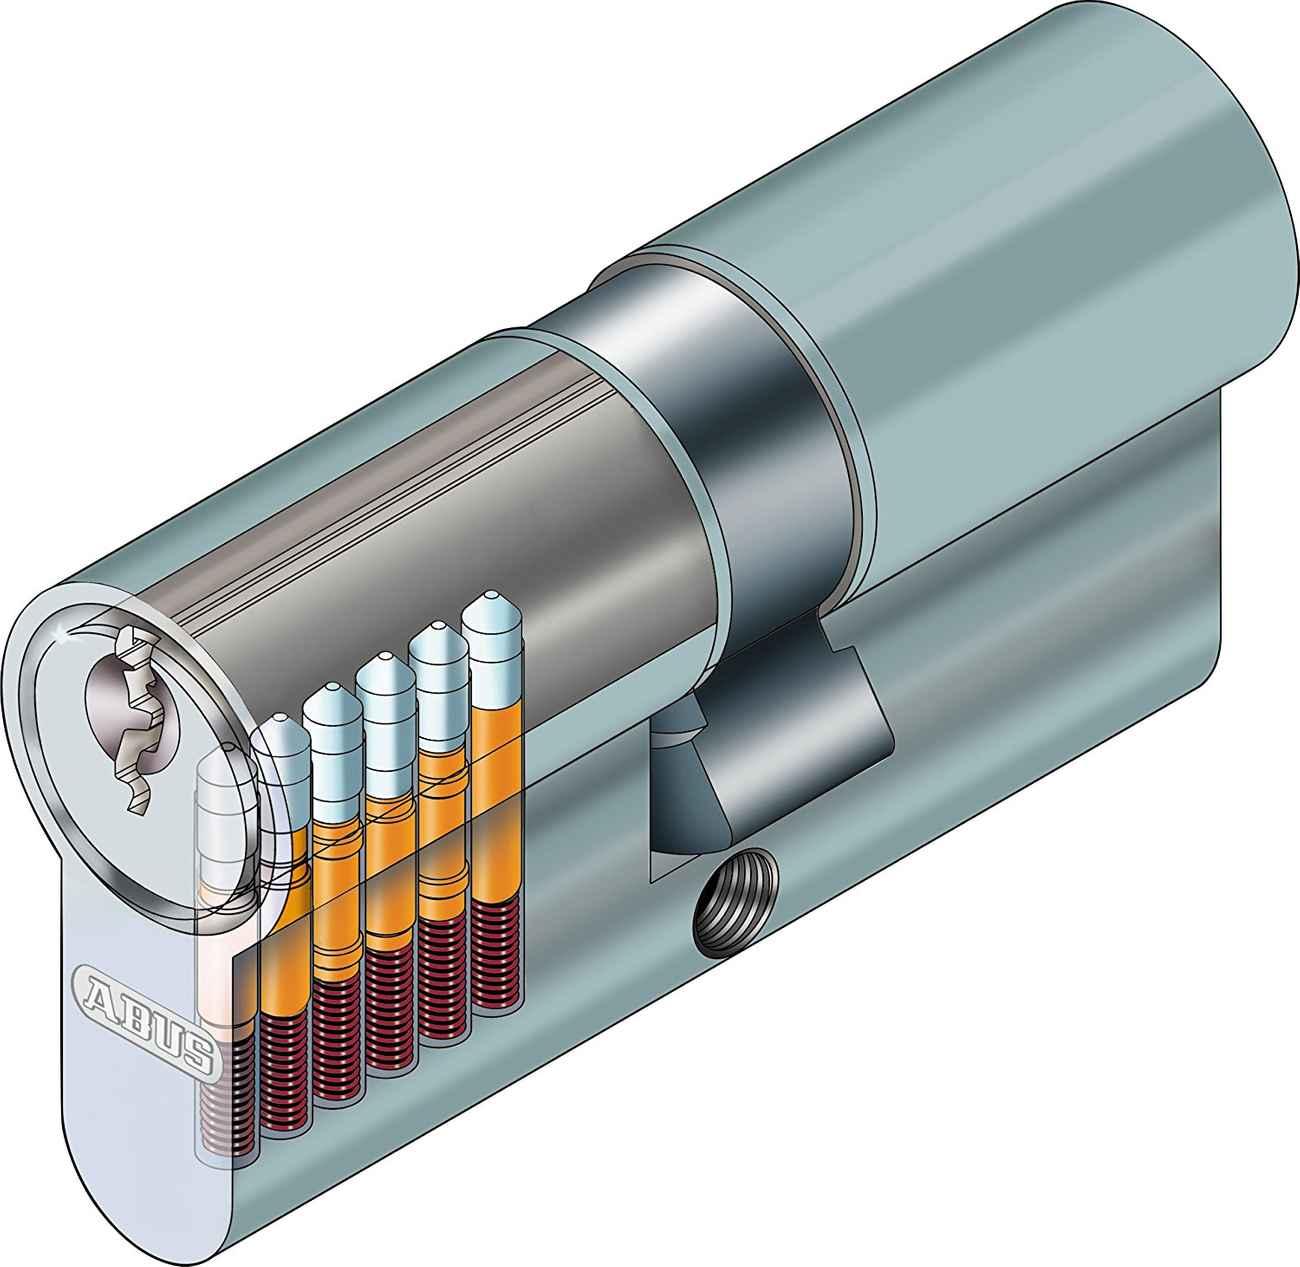 ABUS Profilzylinder E30NP Länge 35/50 Türzylinder mit Profilschlüssel - Doppelzylinder – Bild 3